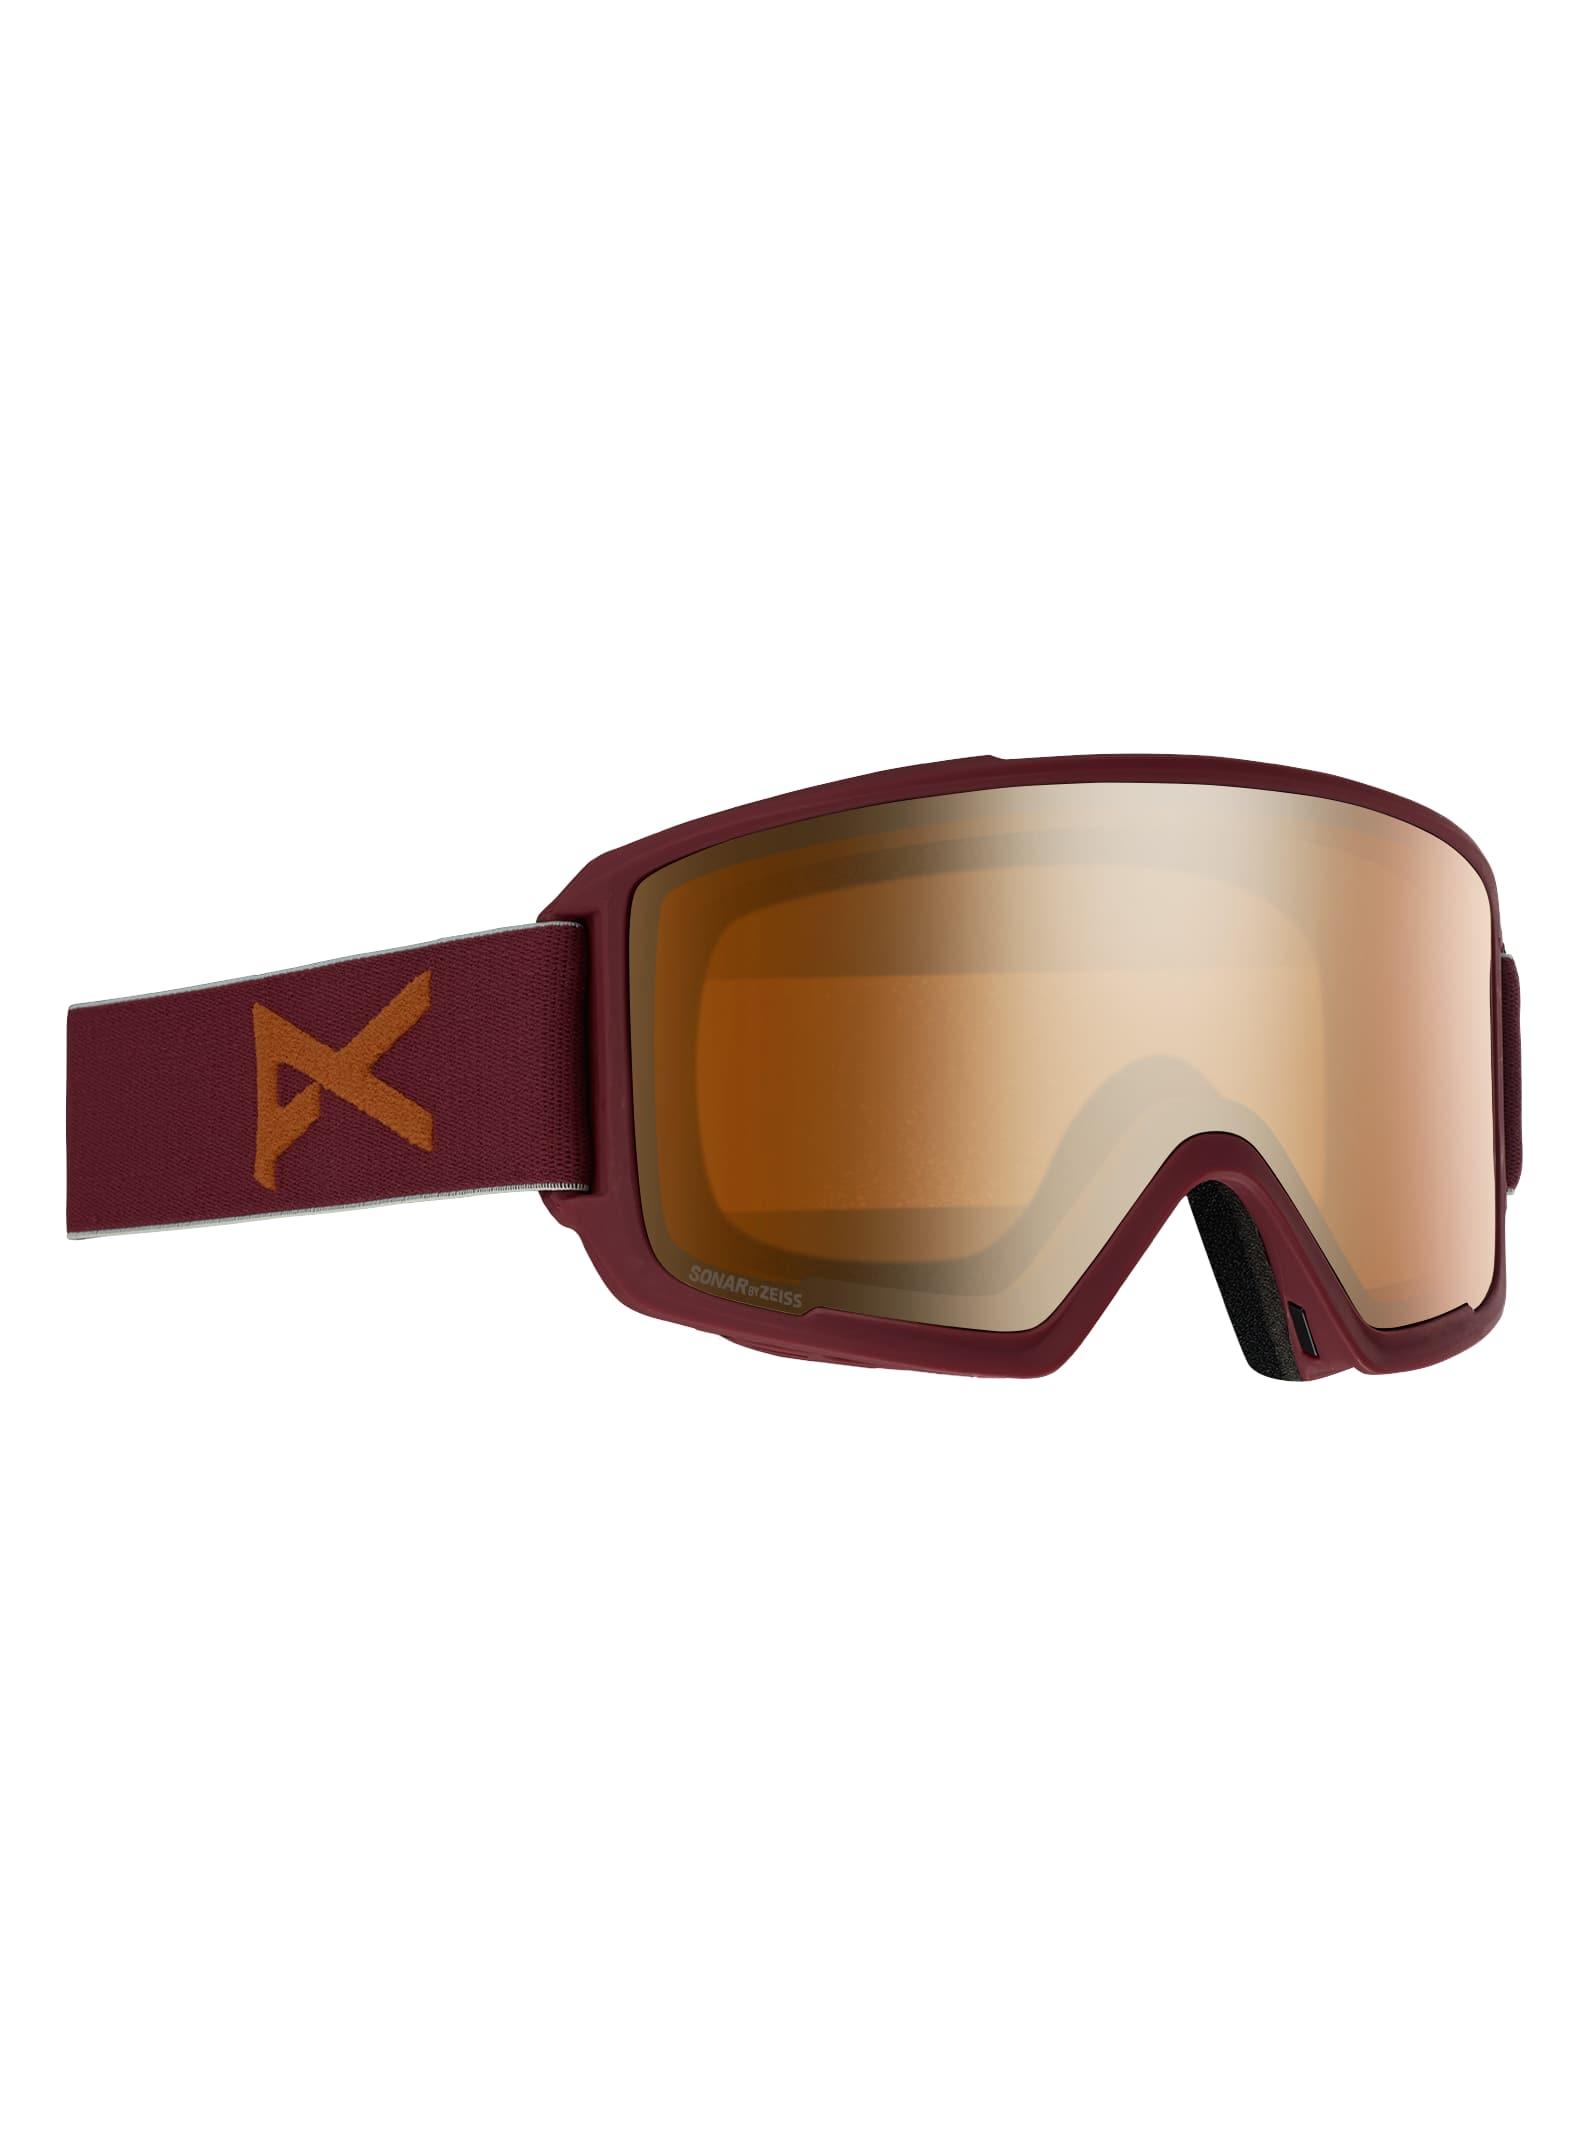 Anon M3 skidglasögon + reservlins för herrar, Frame: Maroon, Lens: SONAR Bronze, Spare Lens: SONAR Infrared